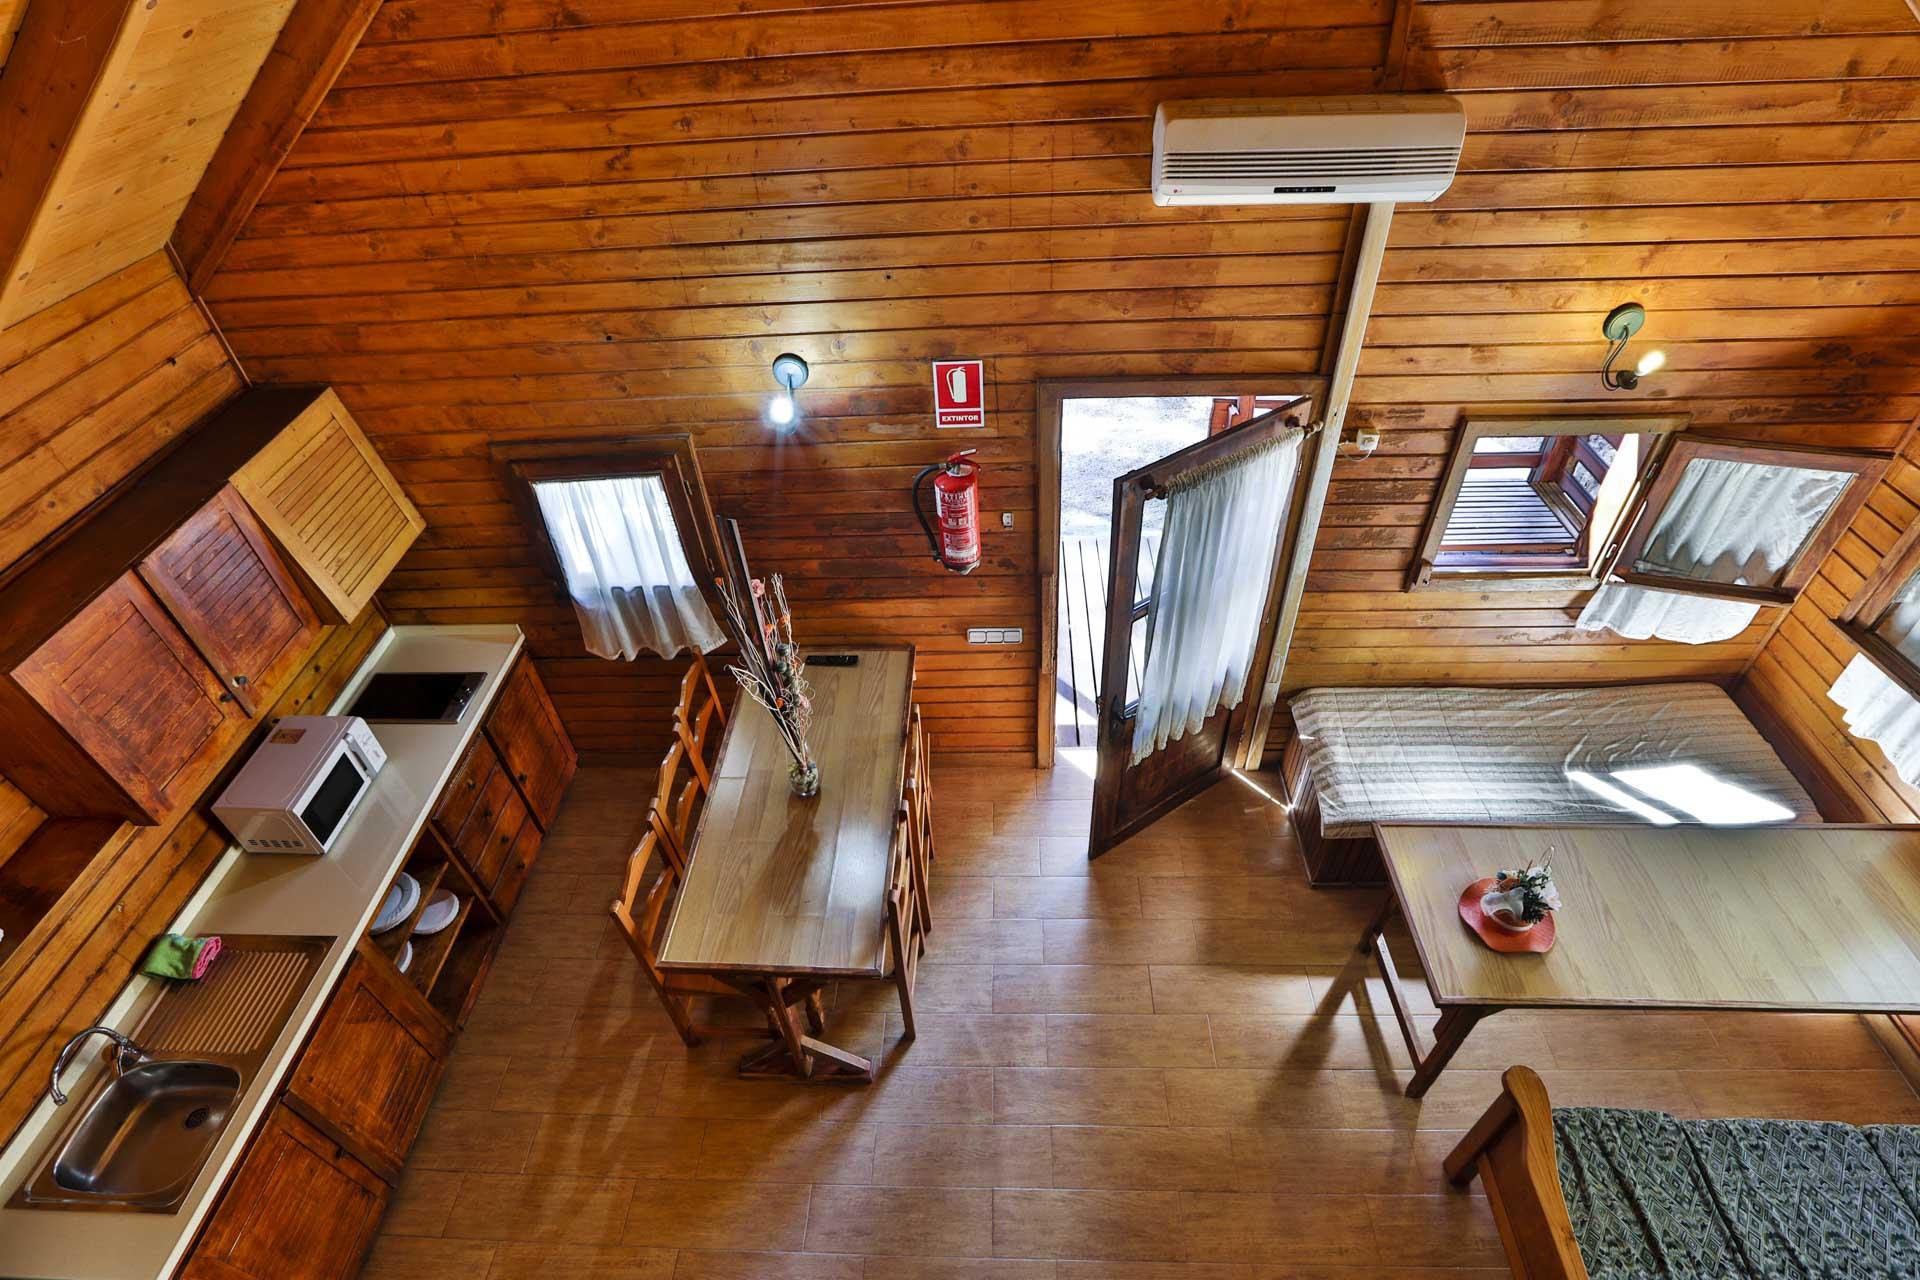 Caba as en cazorla hotel apartamentos y caba as de madera en cazorla complejo turistico los - Fotos en madera ...